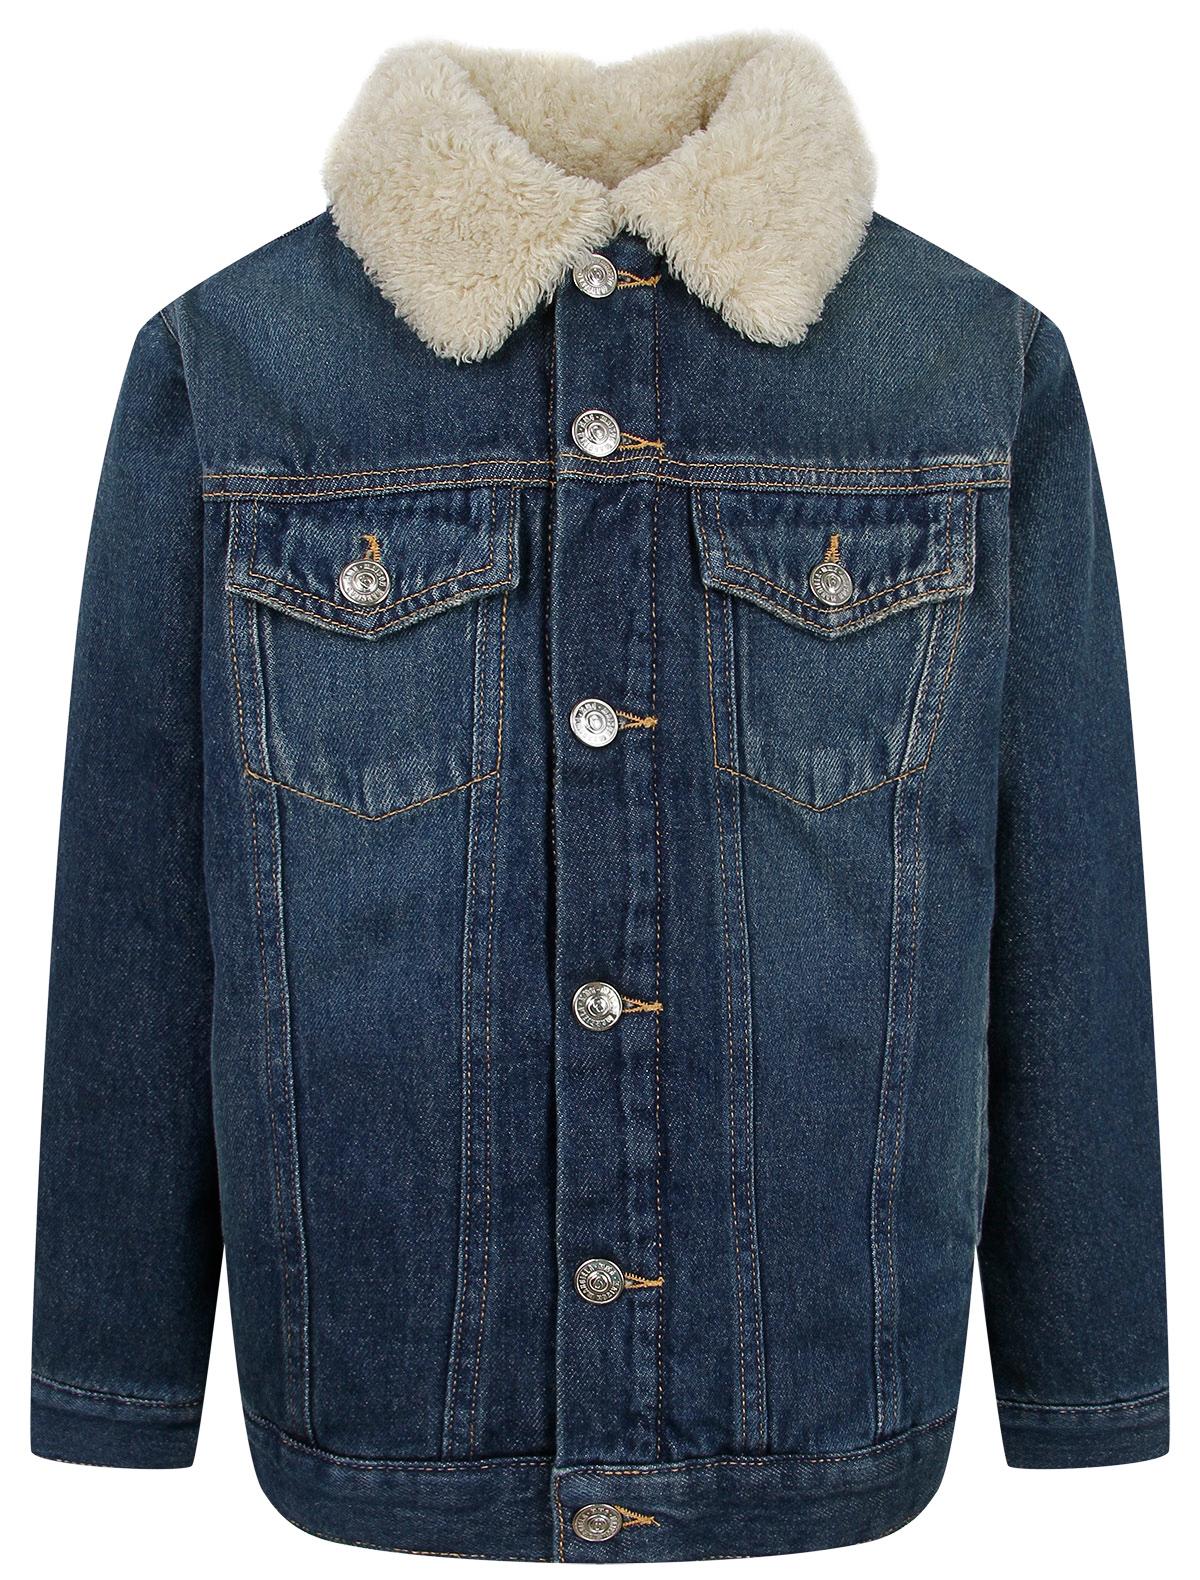 Купить 2345581, Куртка MM6 Maison Margiela, синий, 1074529181426